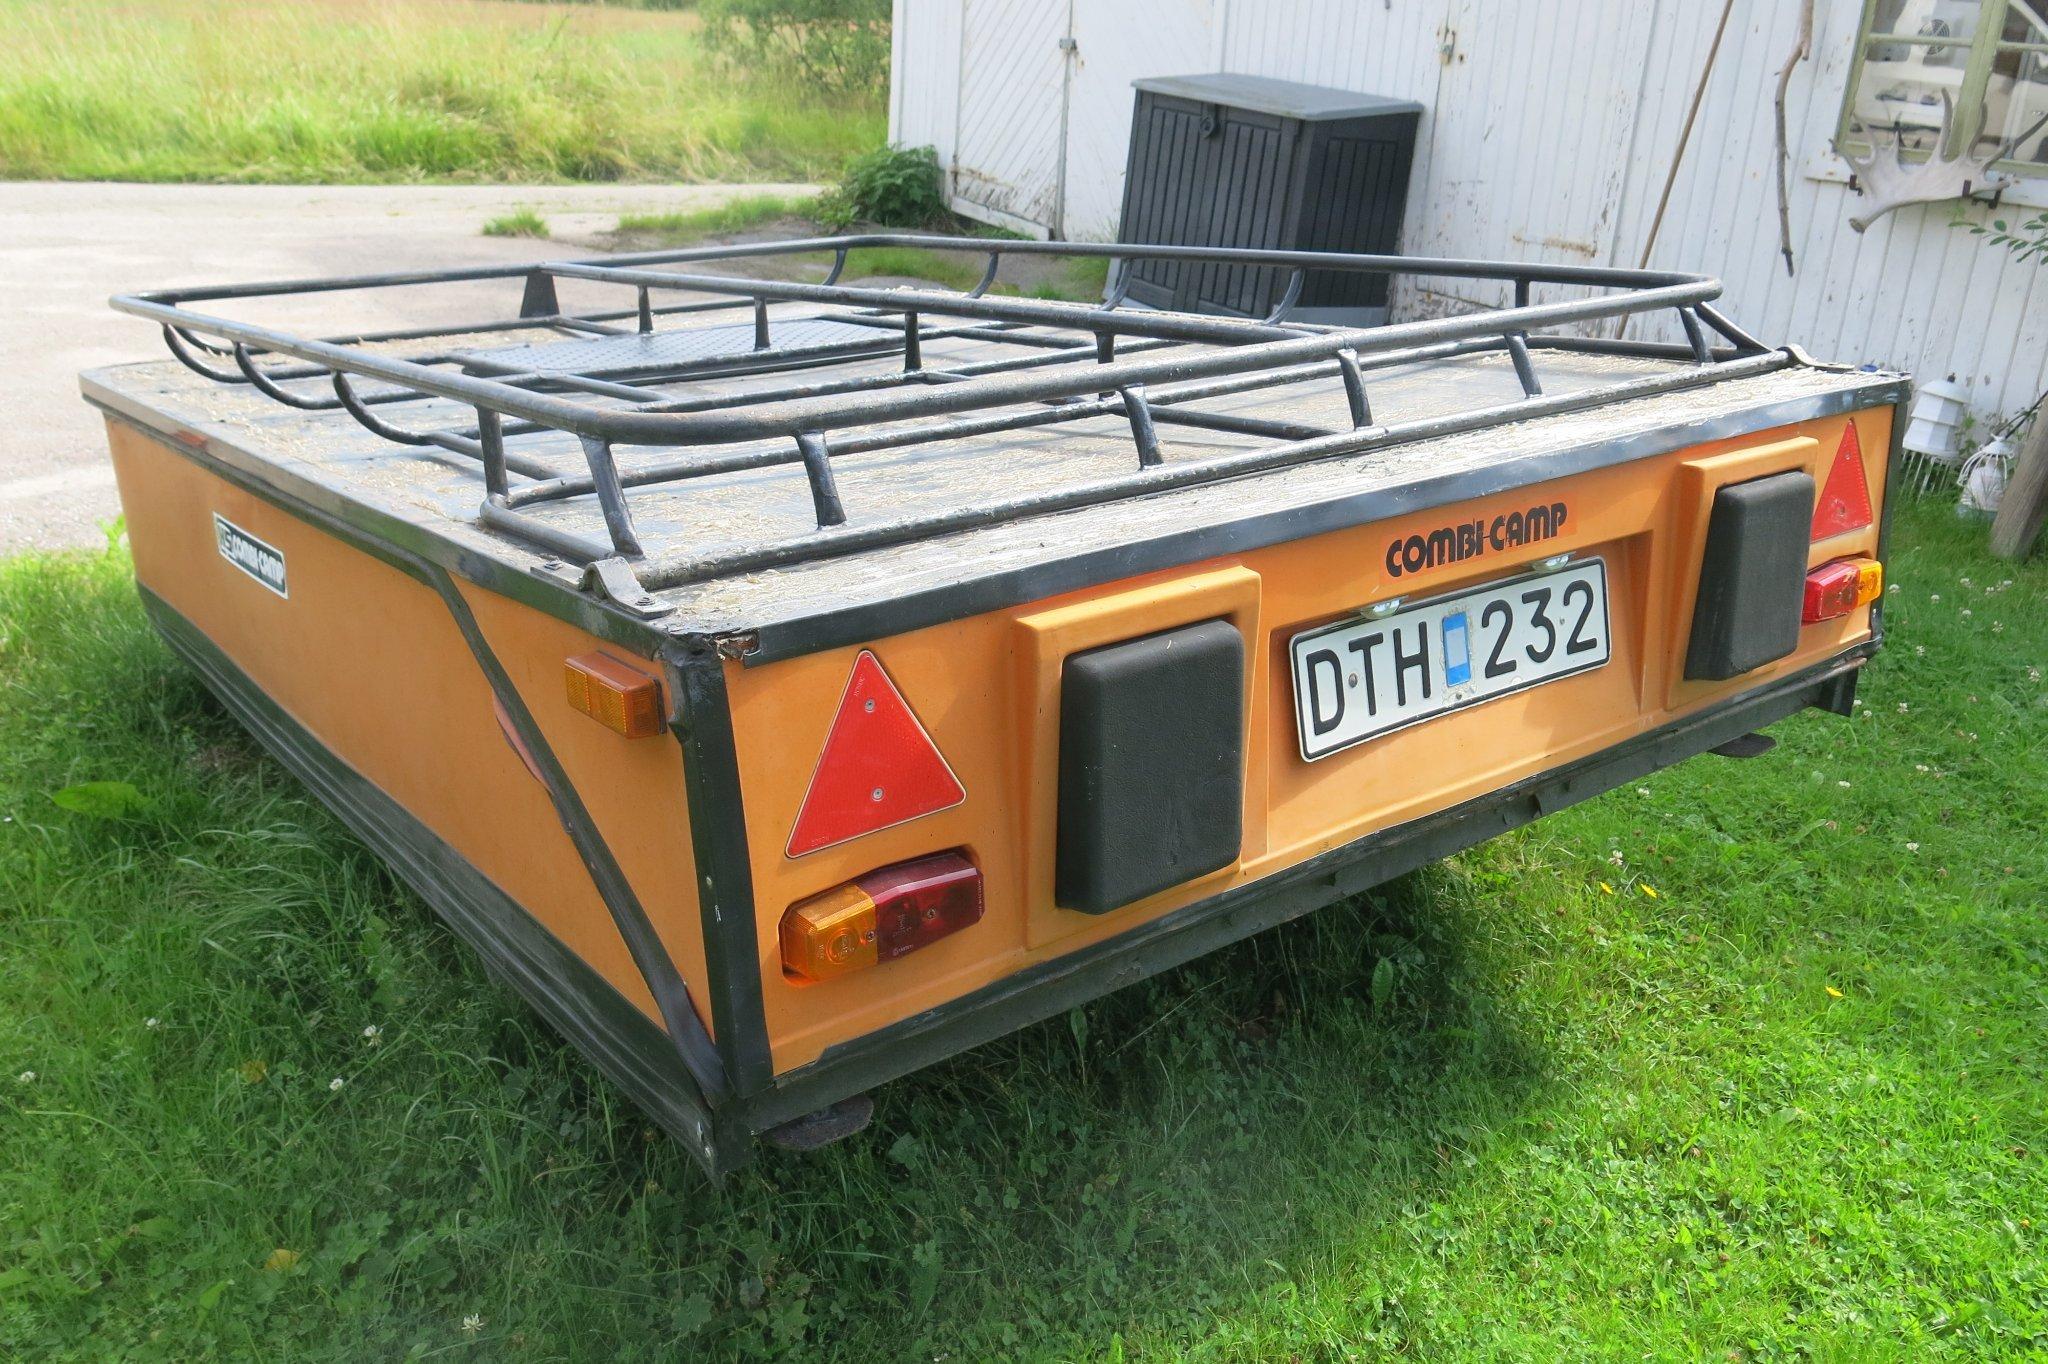 Tältvagn Combi Camp med förtält. Fint skick. Be.. (411649879